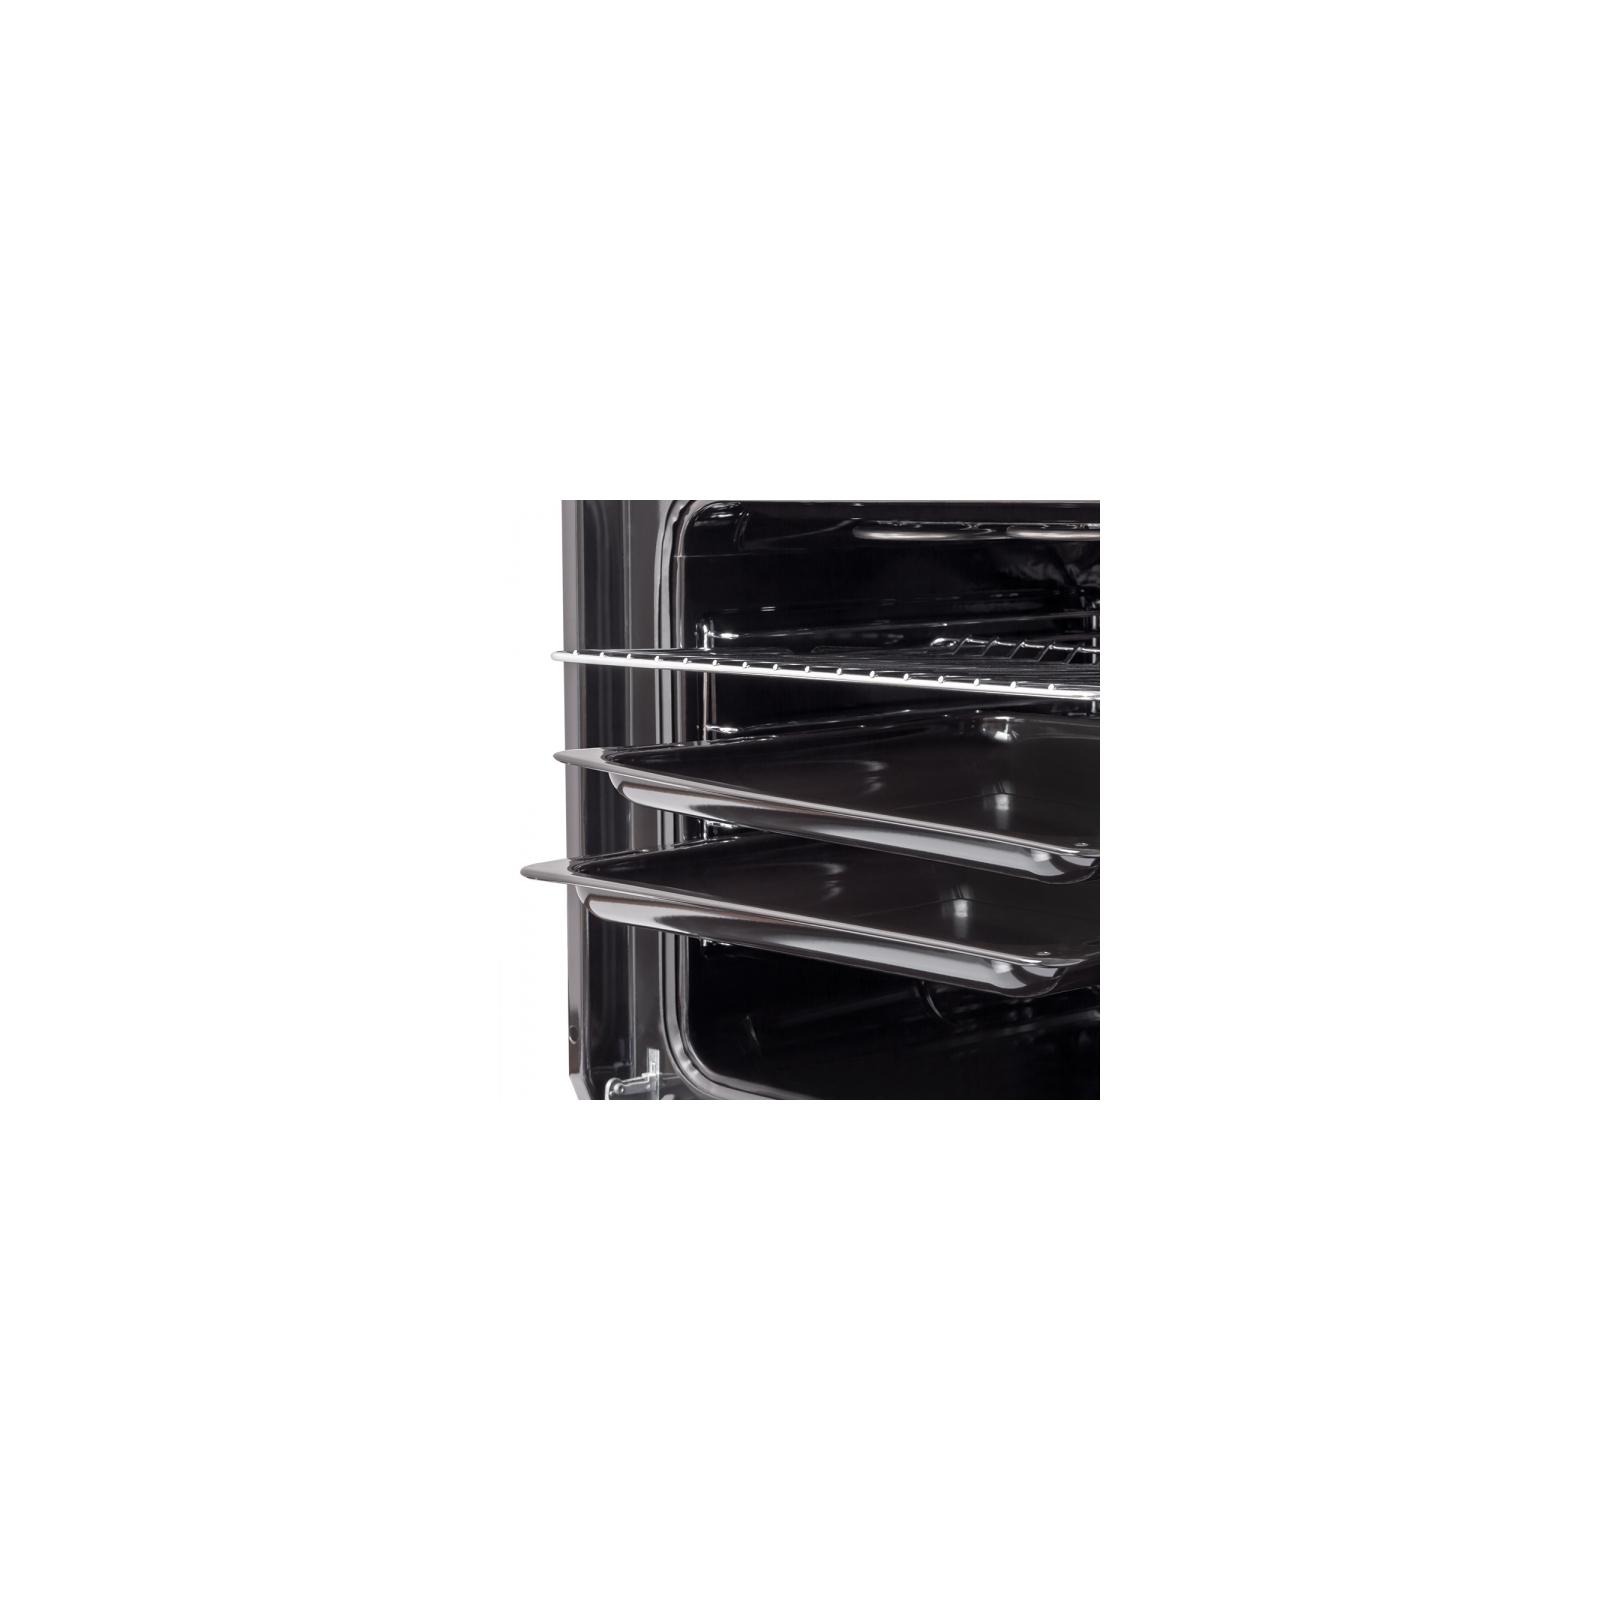 Духовой шкаф PERFELLI BOE 6645 BL ANTIQUE GLASS изображение 8